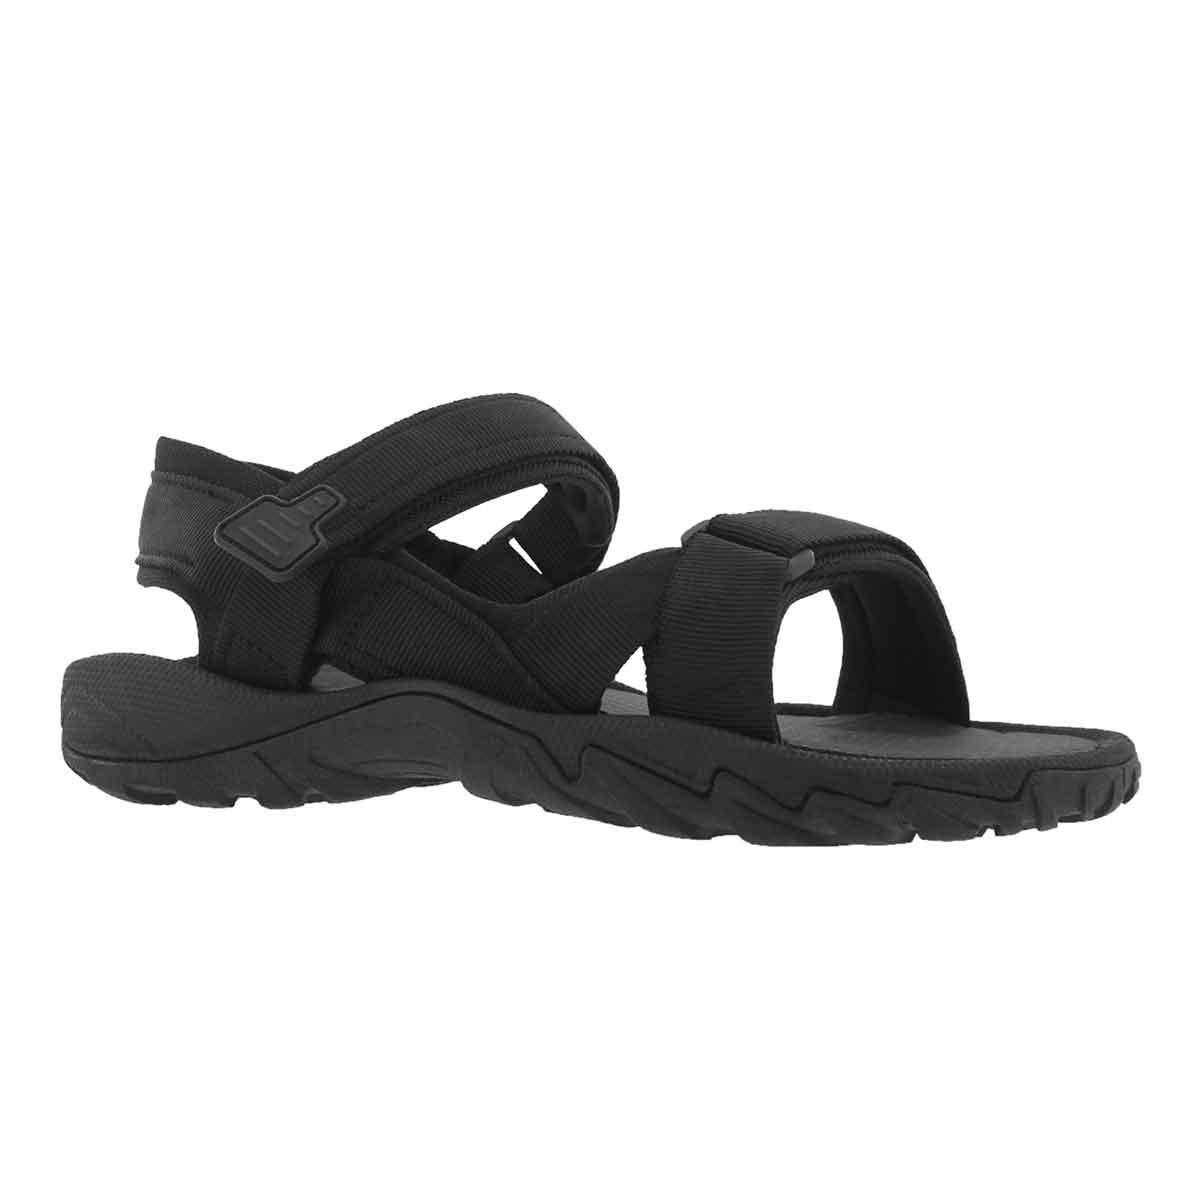 Men's LIAM black 3 strap sport sandals